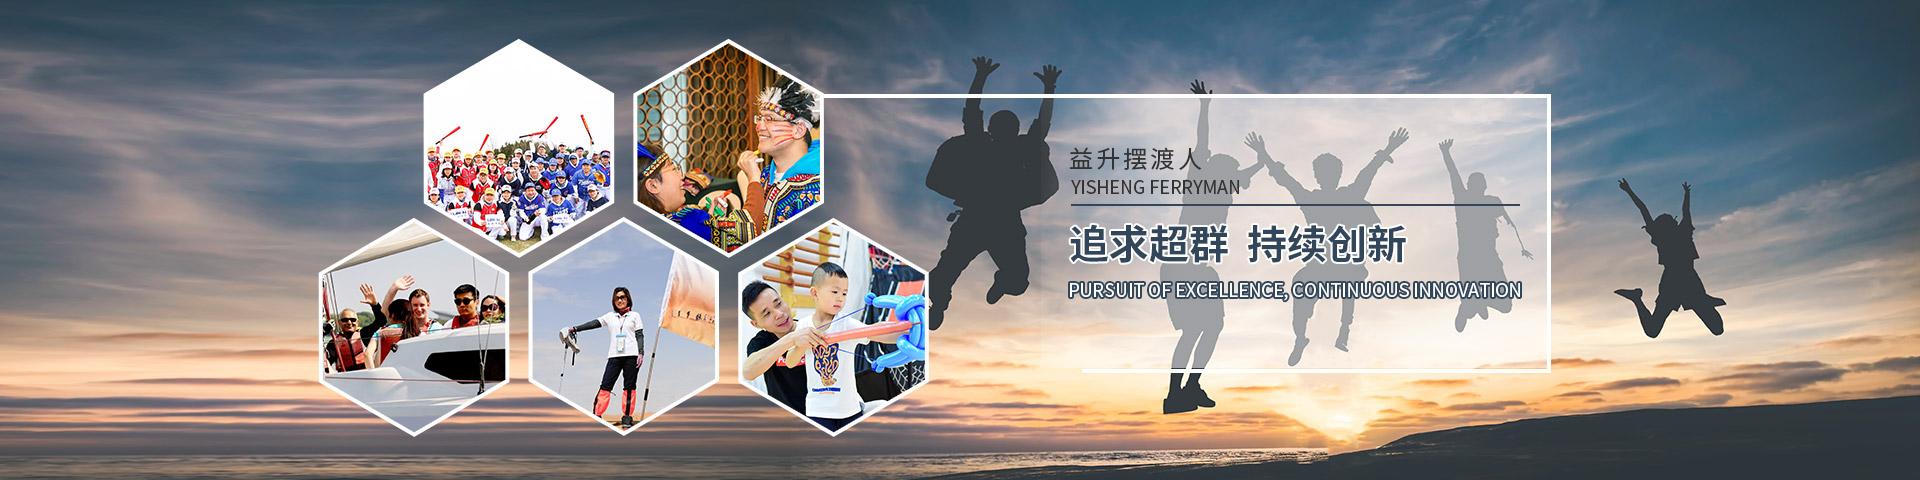 上海拓展训练